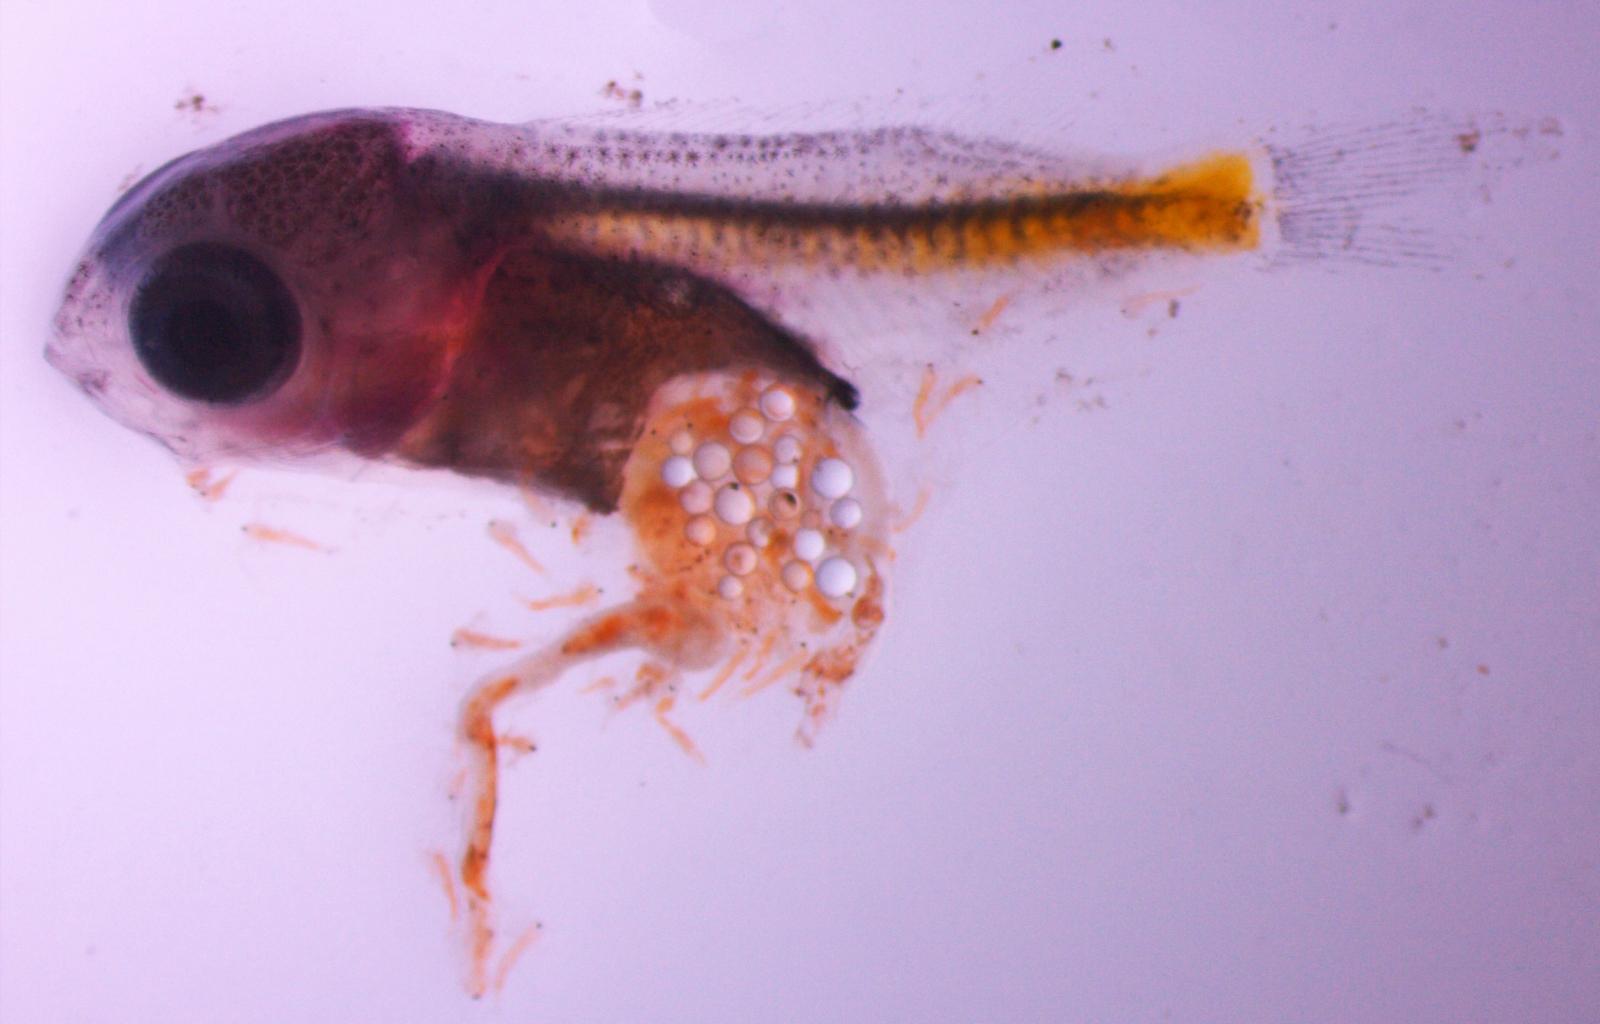 microplastics Damselfish larvae